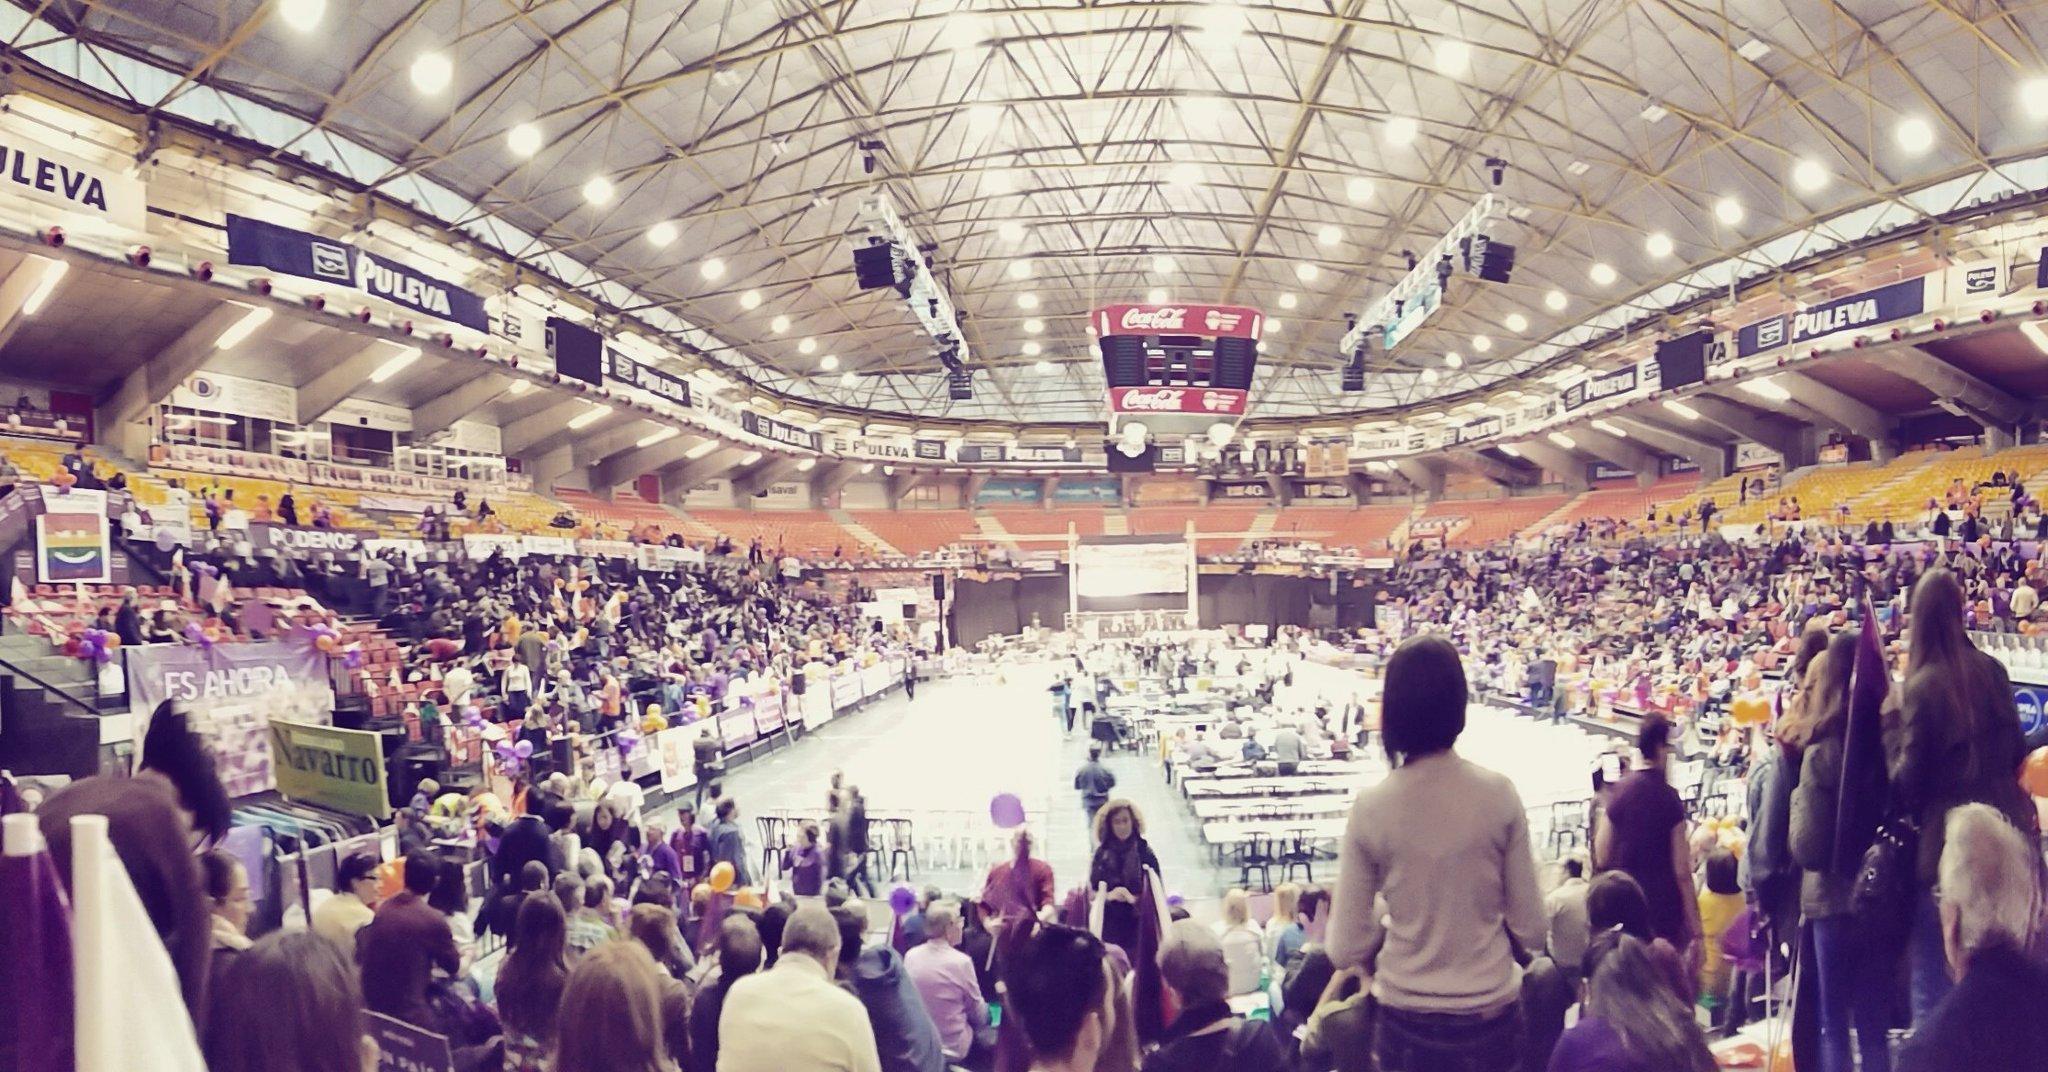 Una hora xa el comienzo y así luce #Valencia.Reventamos la Fonteta!! #votapodemos20d @Podem_ #éselmoment @compromis https://t.co/n4NWA4XUuZ